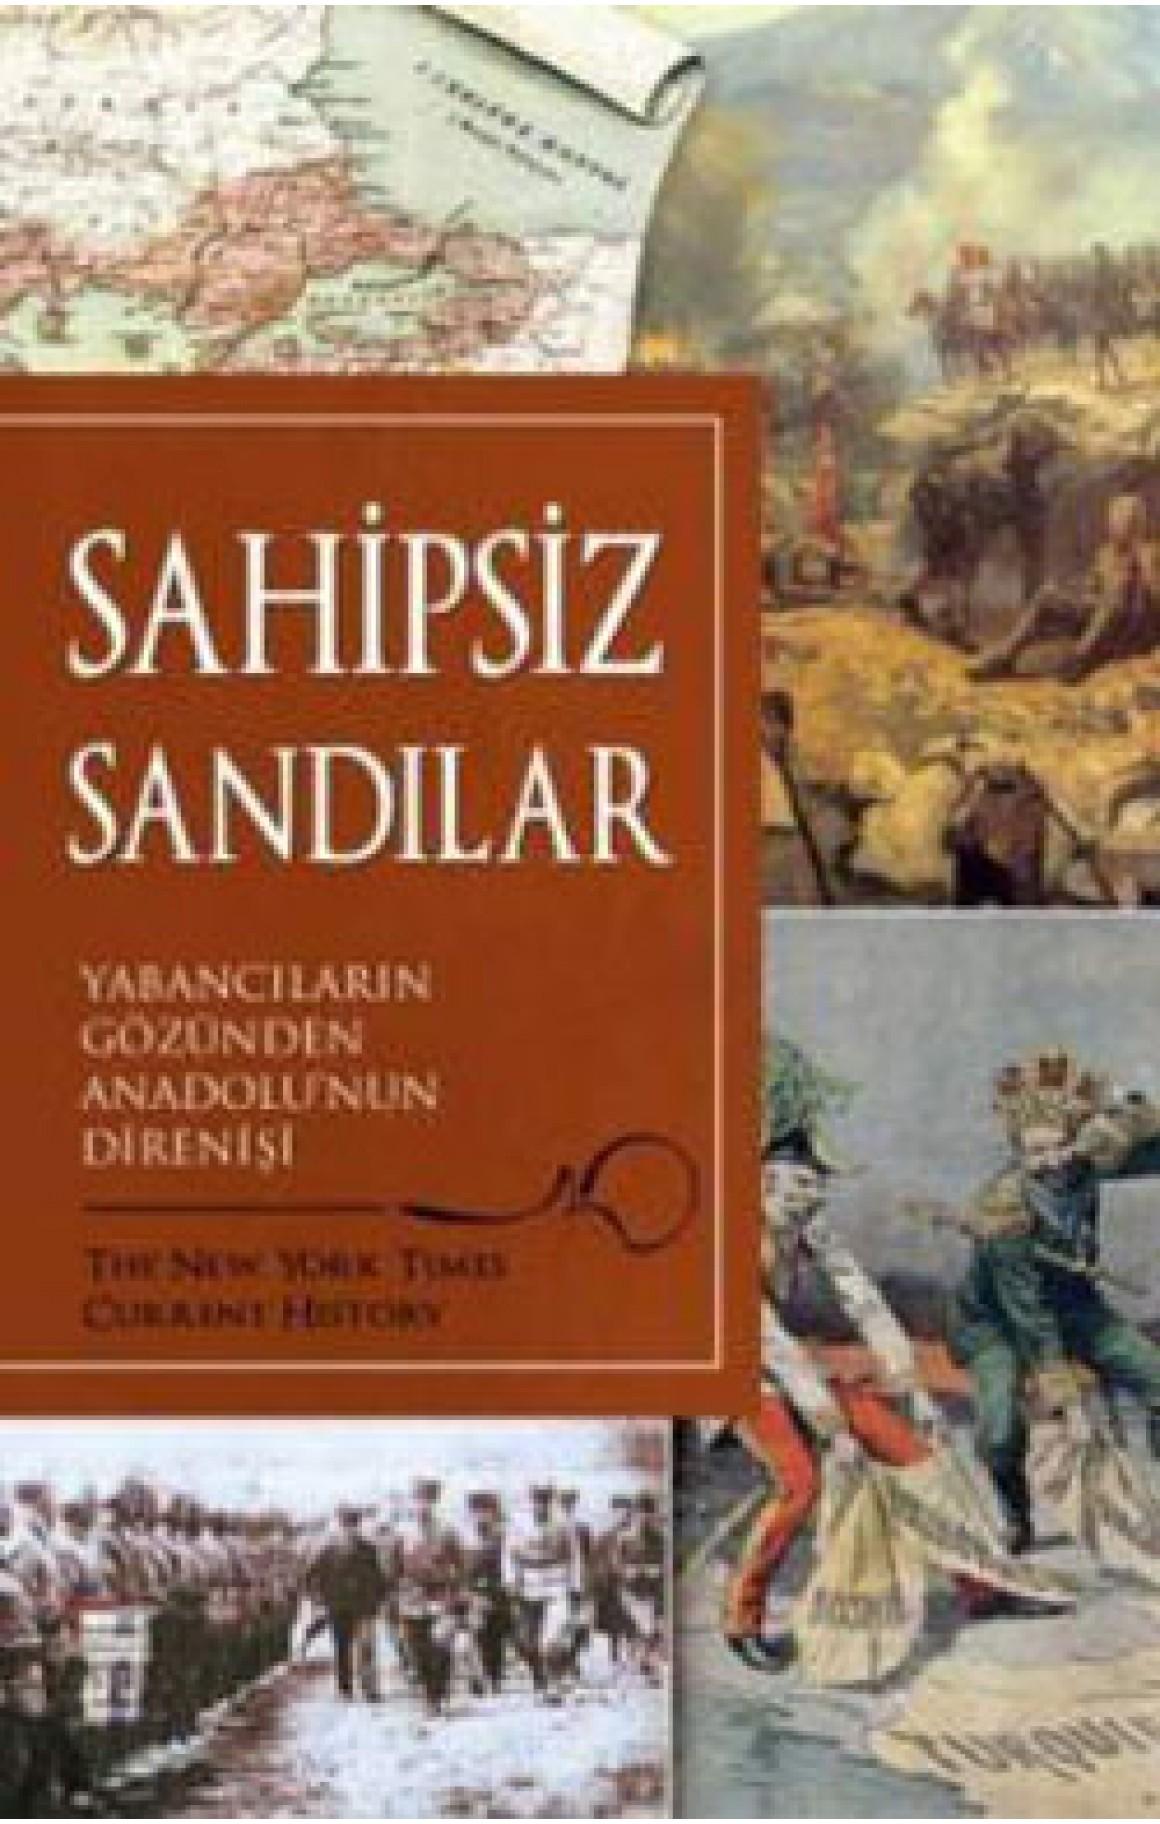 Sahipsiz Sandılar-Yabancıların Gözünden Anadolu'nun Direnişi